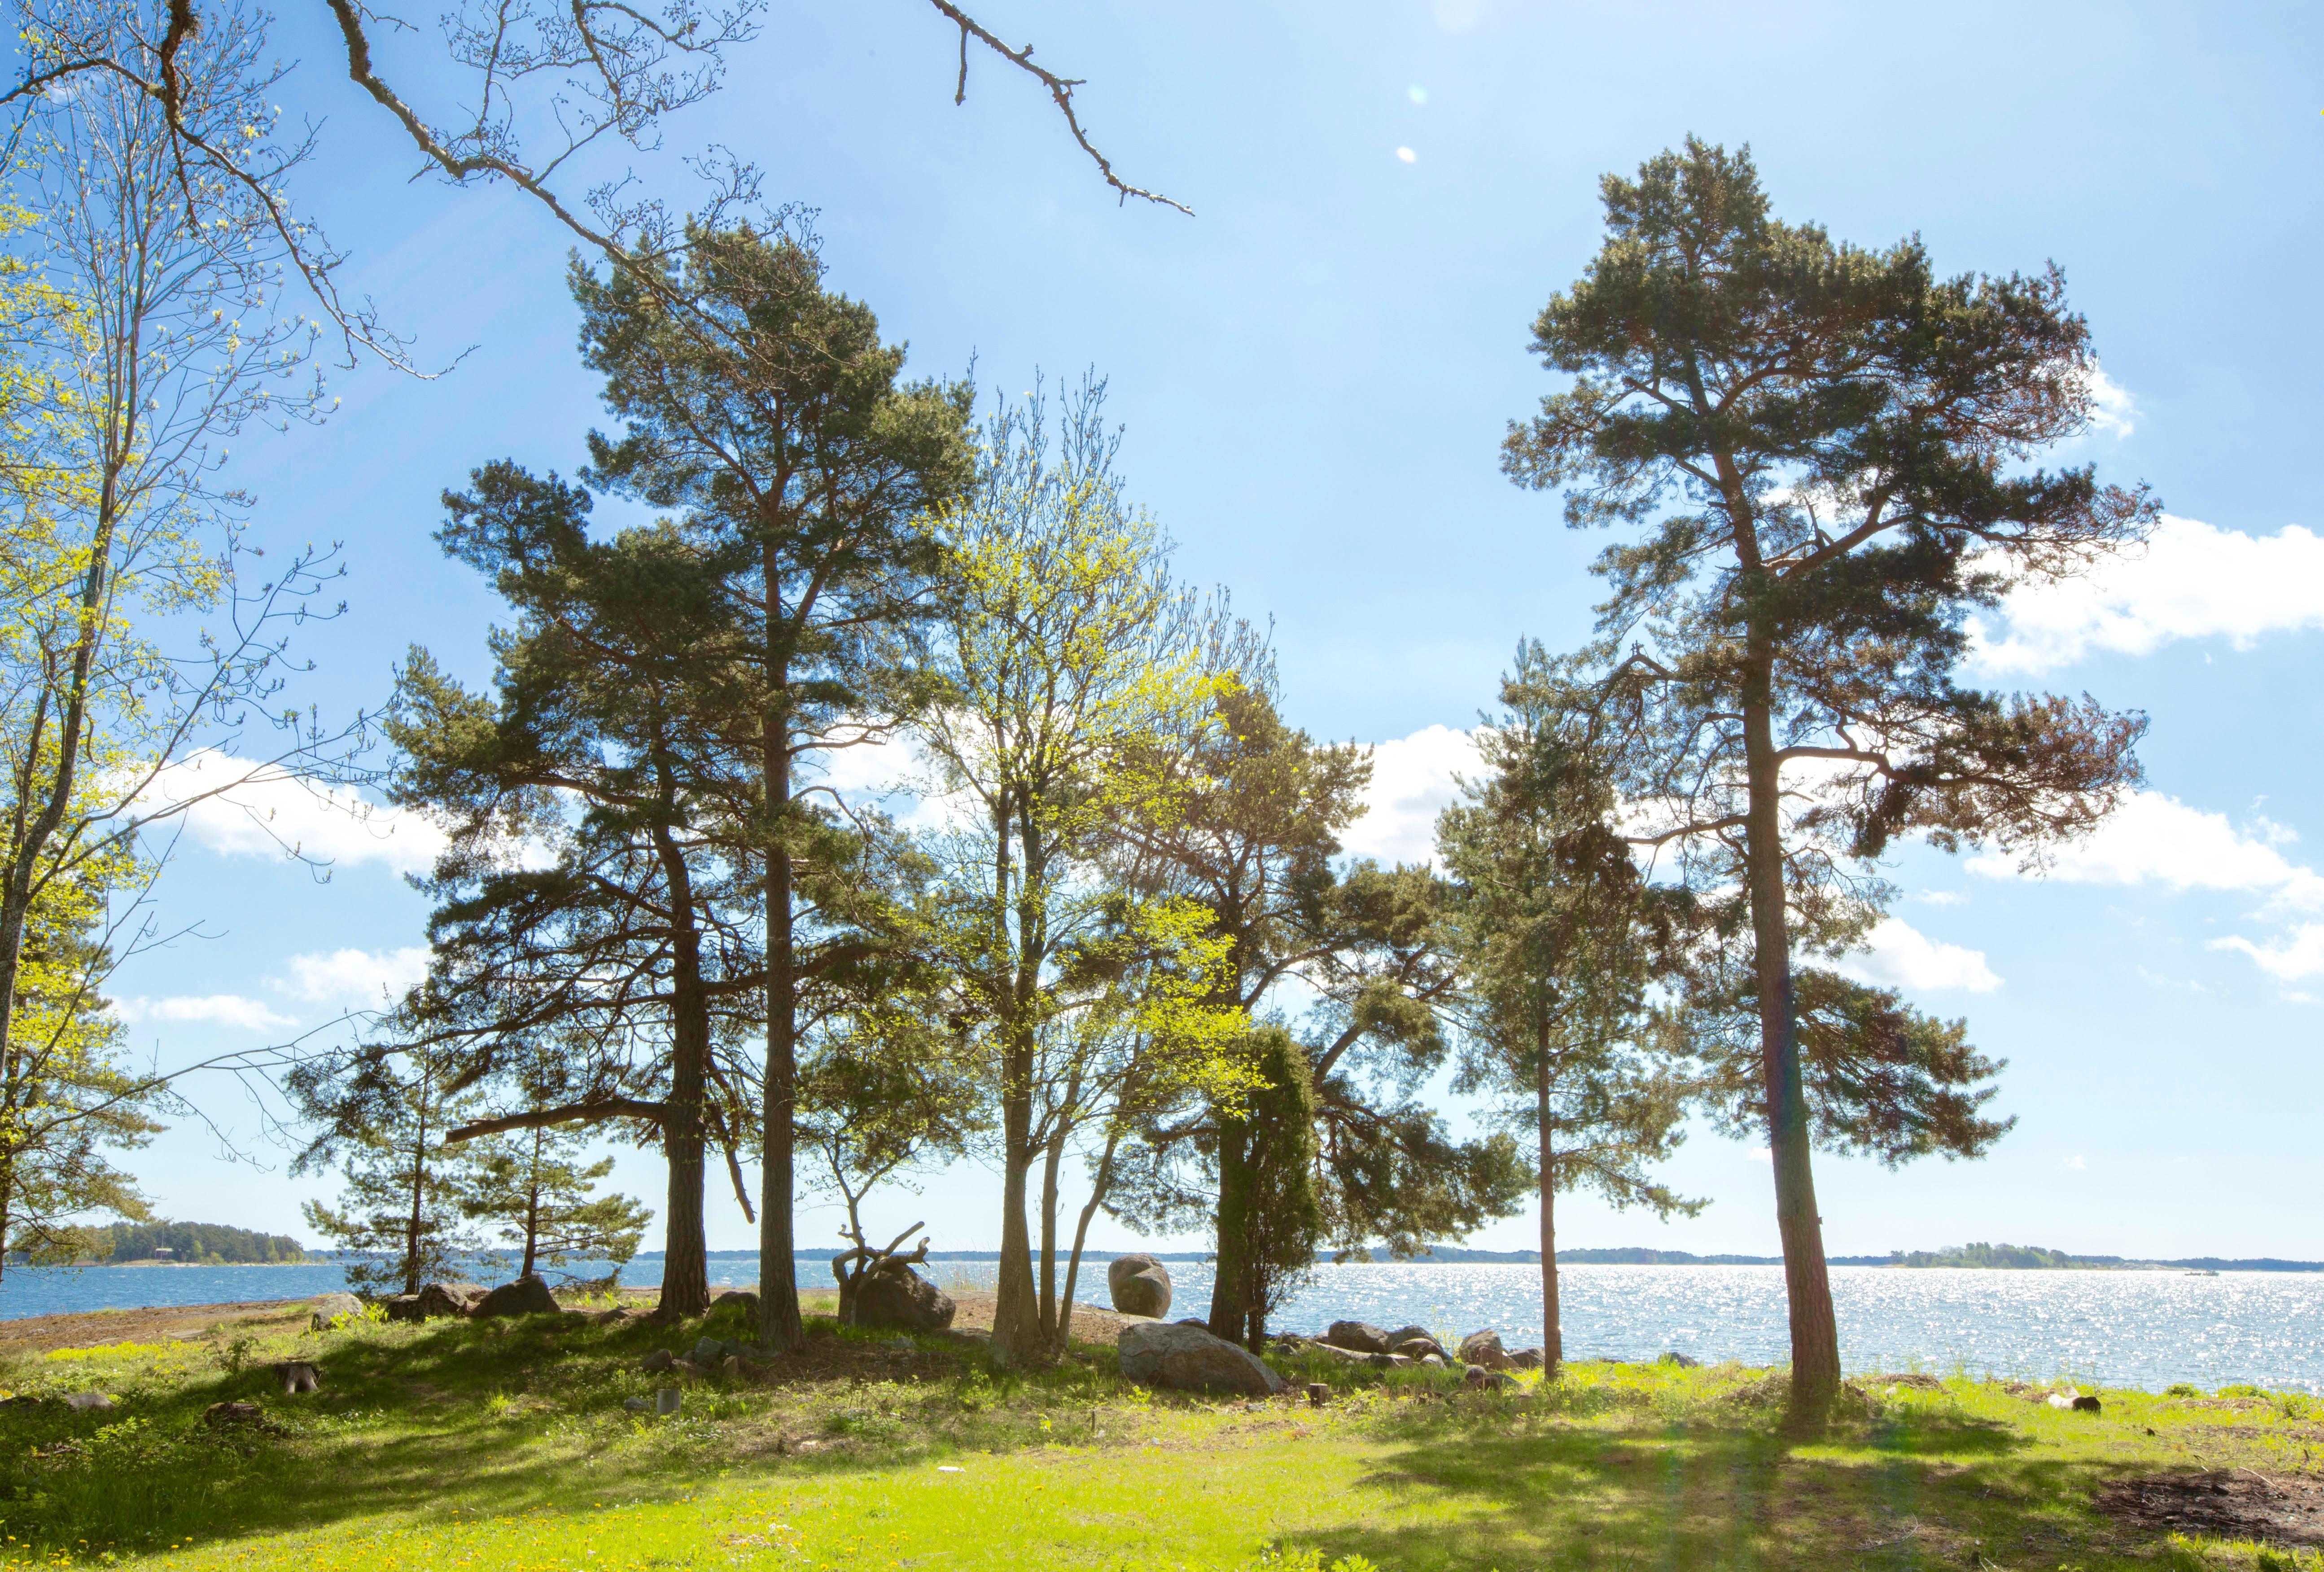 sommarbild från Stockholms skärgård